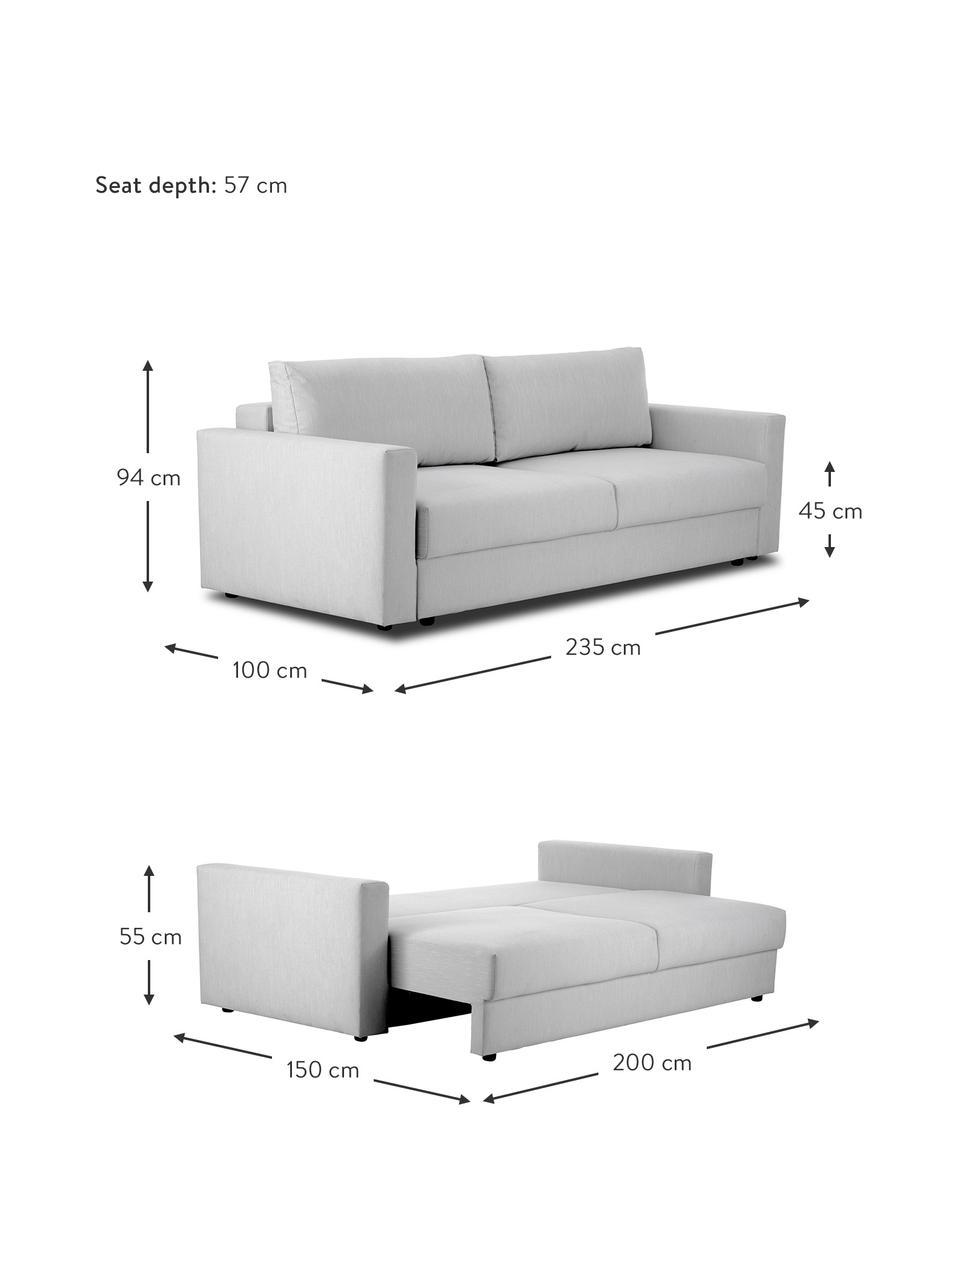 Divano letto 2 posti in tessuto grigio chiaro Tasha, Rivestimento: 100% poliestere Il rivest, Tessuto grigio, Larg. 235 x Prof. 100 cm